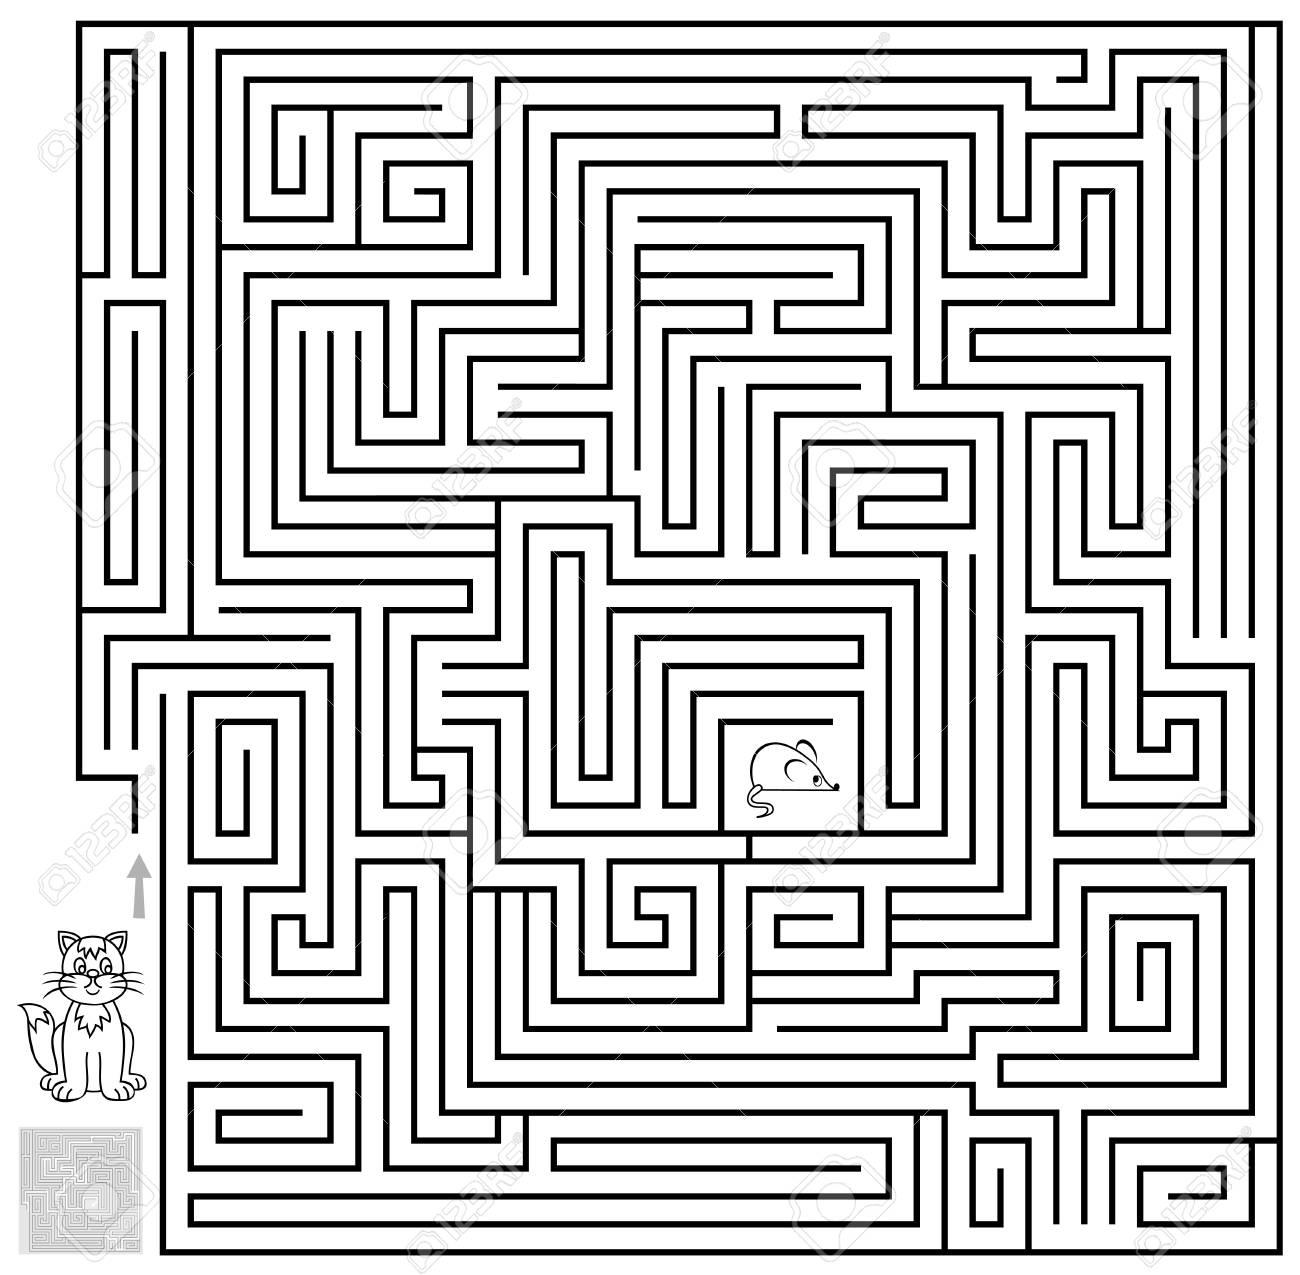 Logikpuzzlespielspiel Mit Labyrinth. Müssen Den Weg Von Der Katze ...